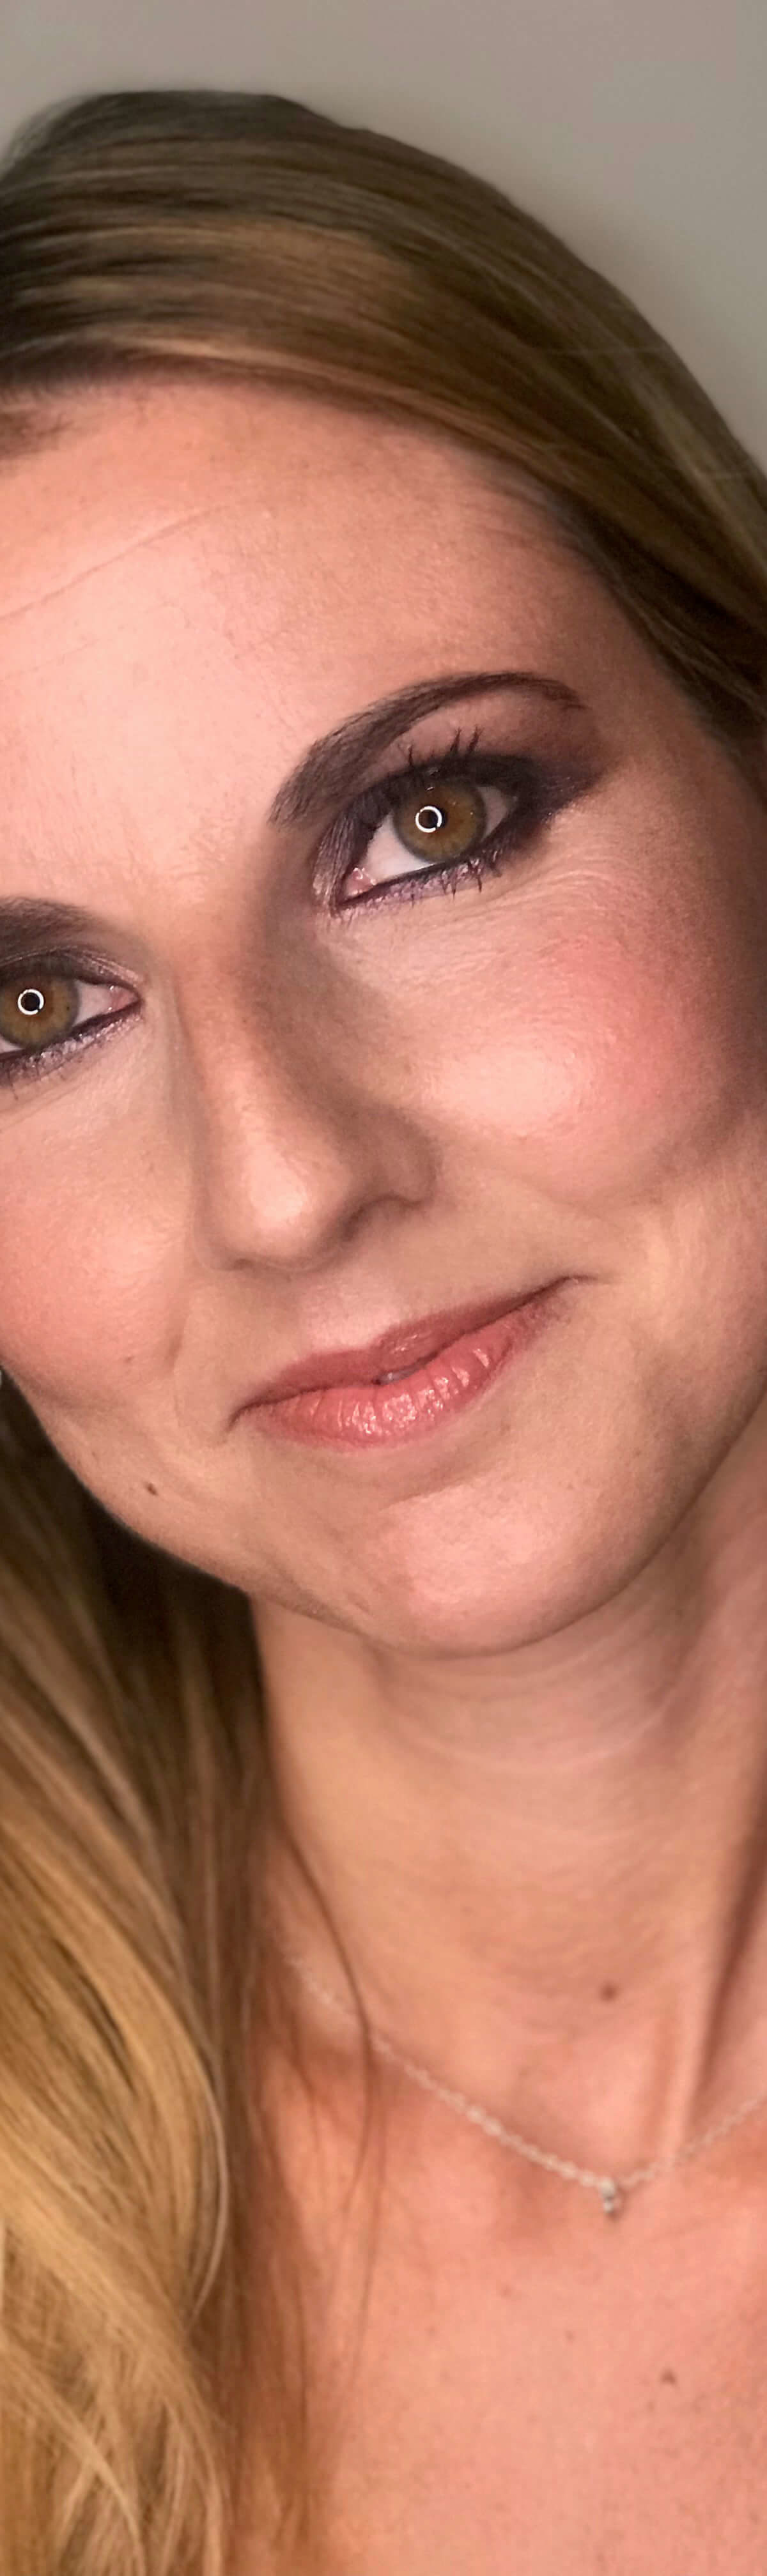 El maquillaje de Apolo makeup